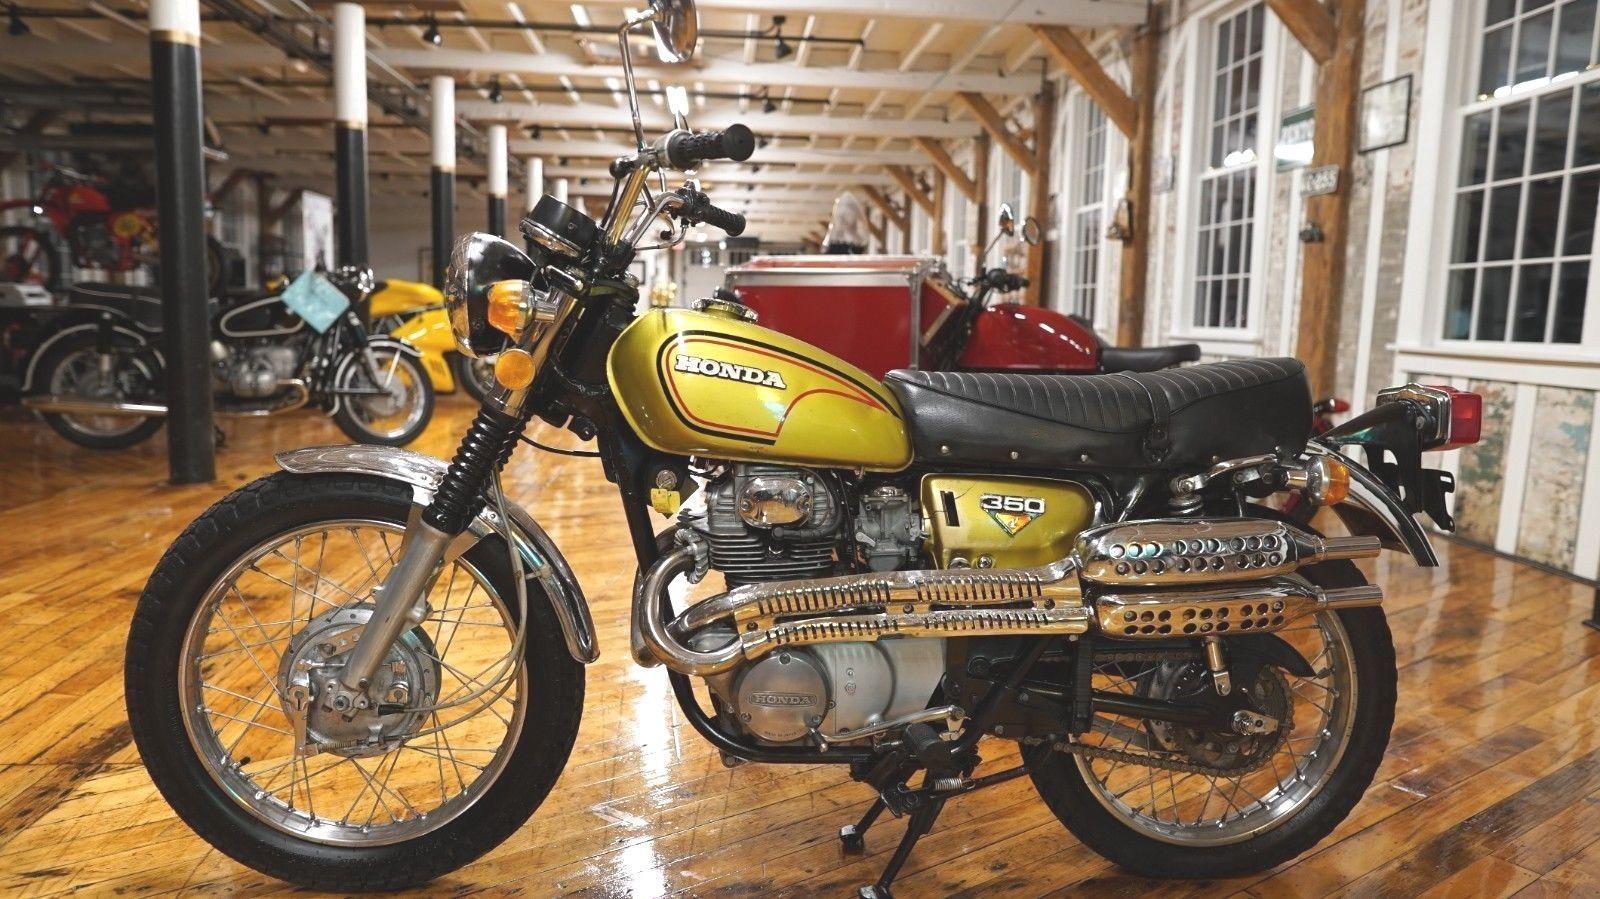 1972 Honda Cl350 Scrambler Cafe Racer Honda Cl350 Honda Scrambler [ 899 x 1600 Pixel ]